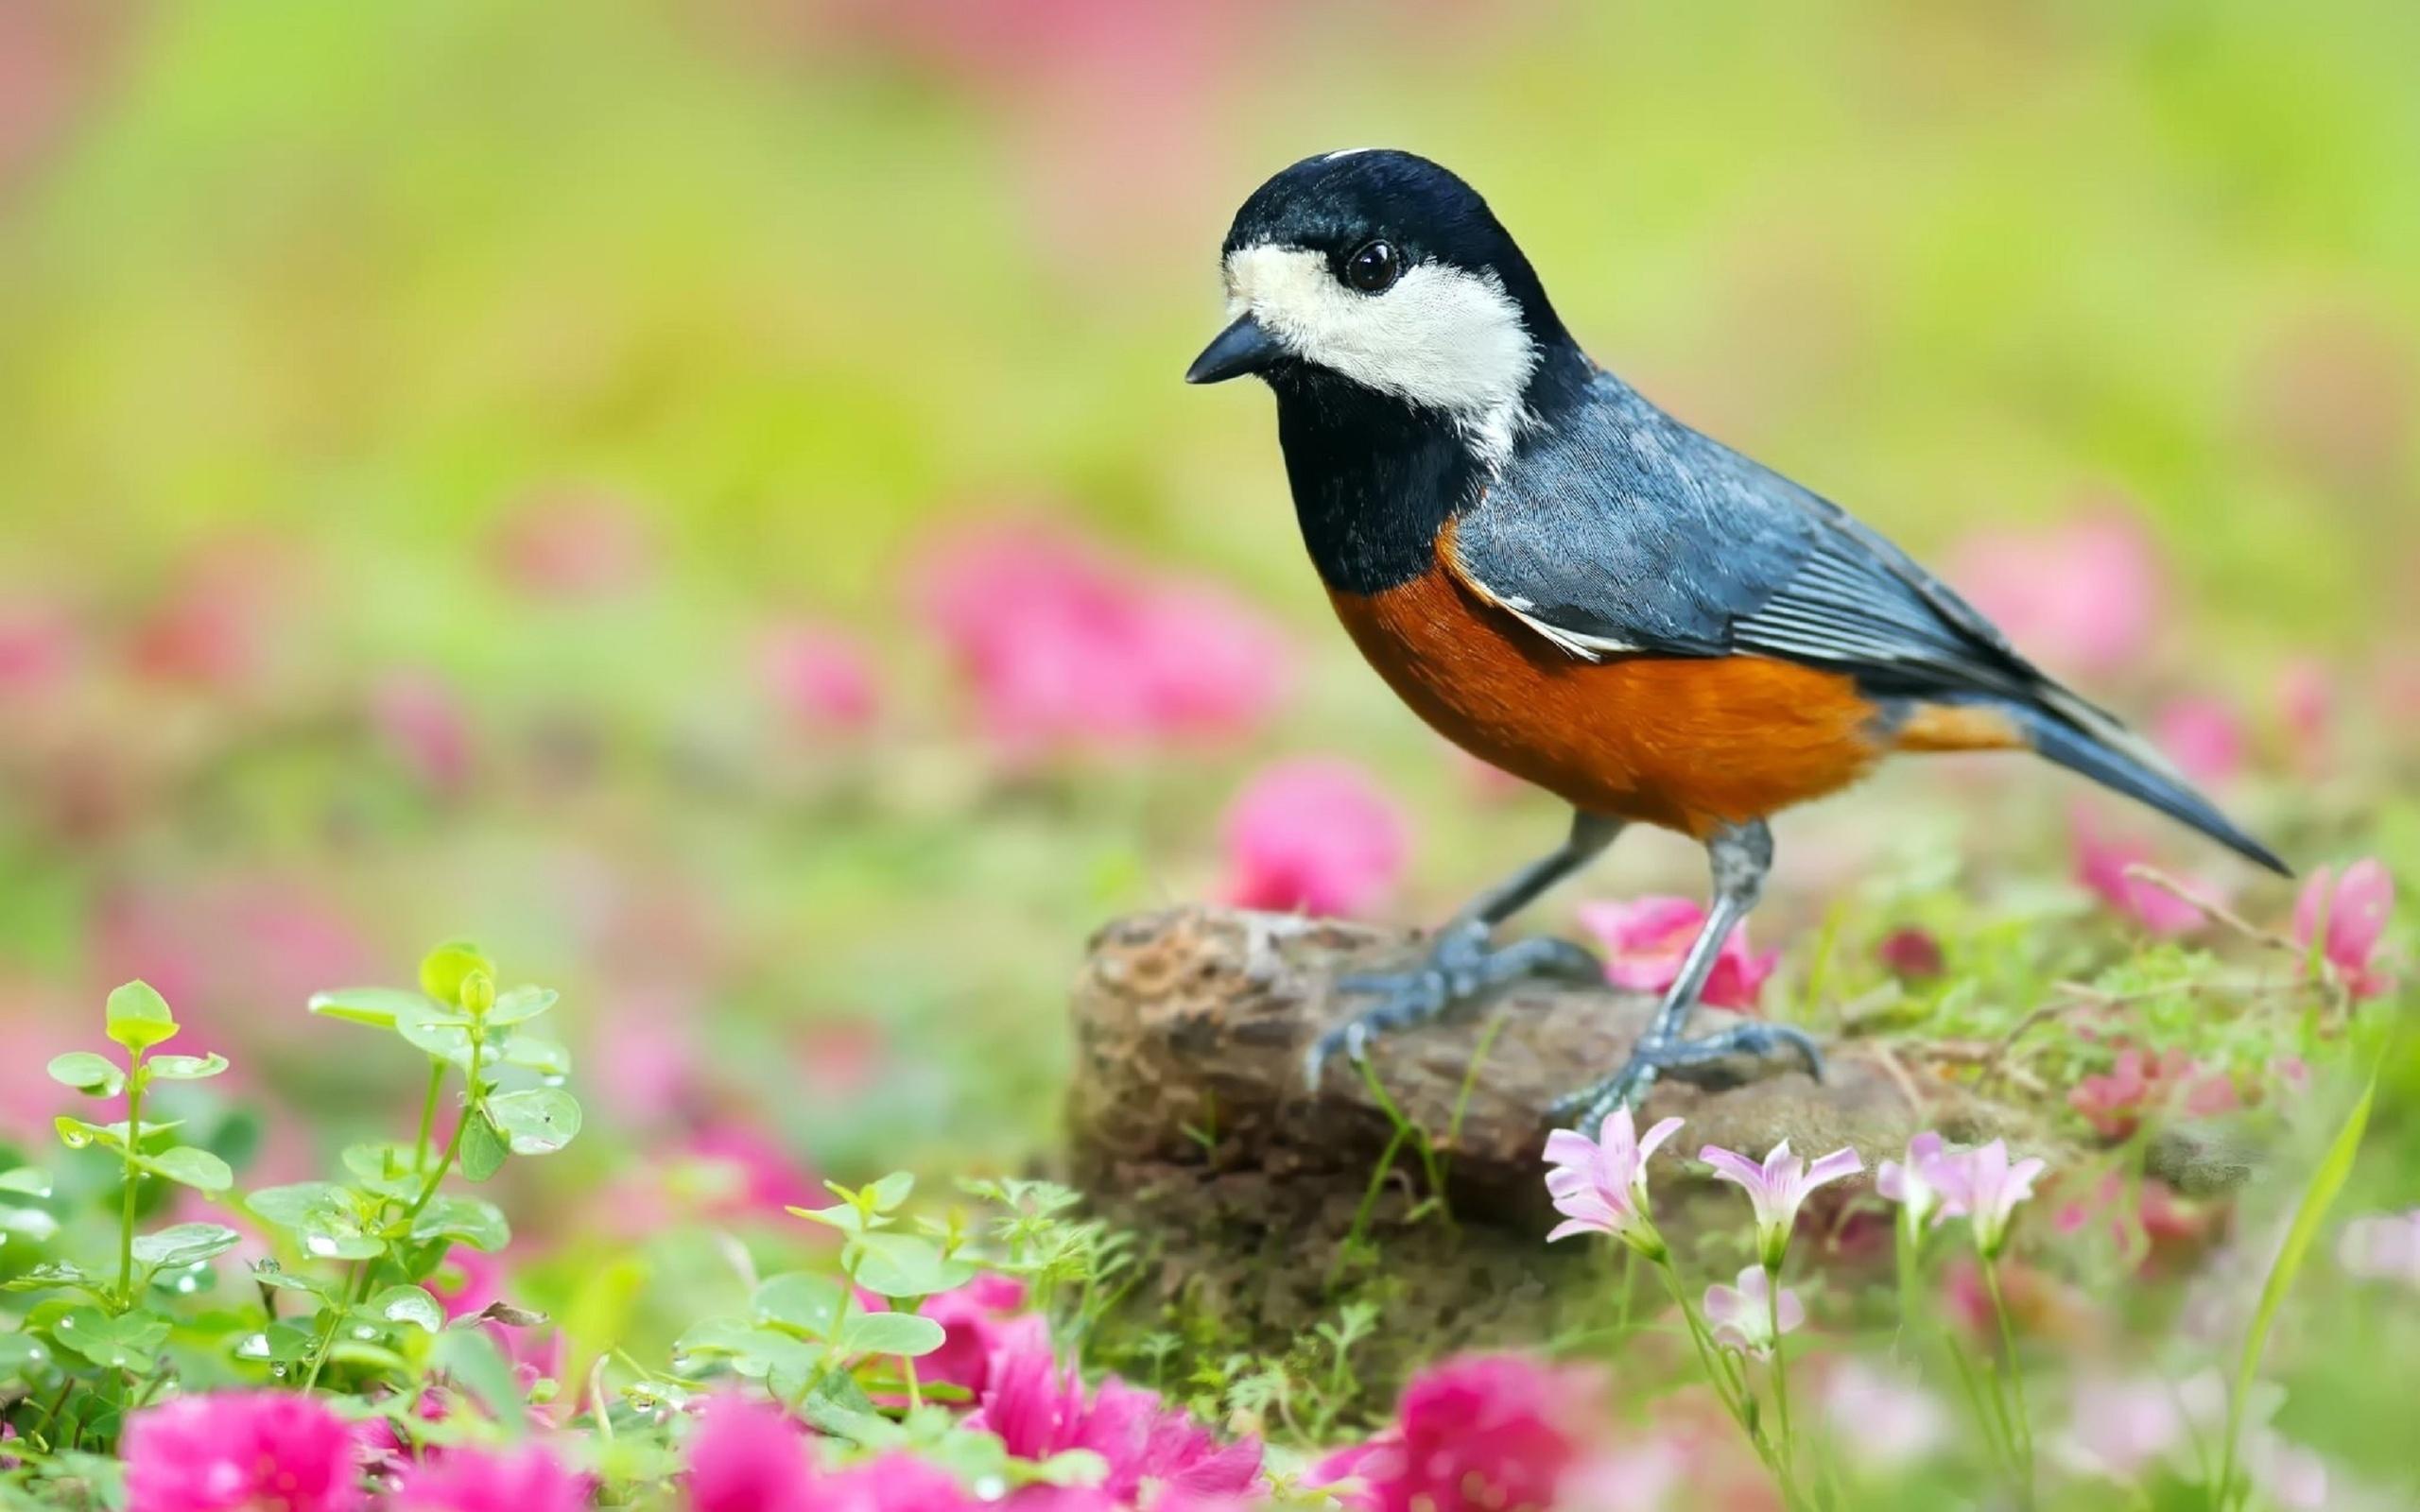 большие картинки птички болтливым наёмником, персонаж